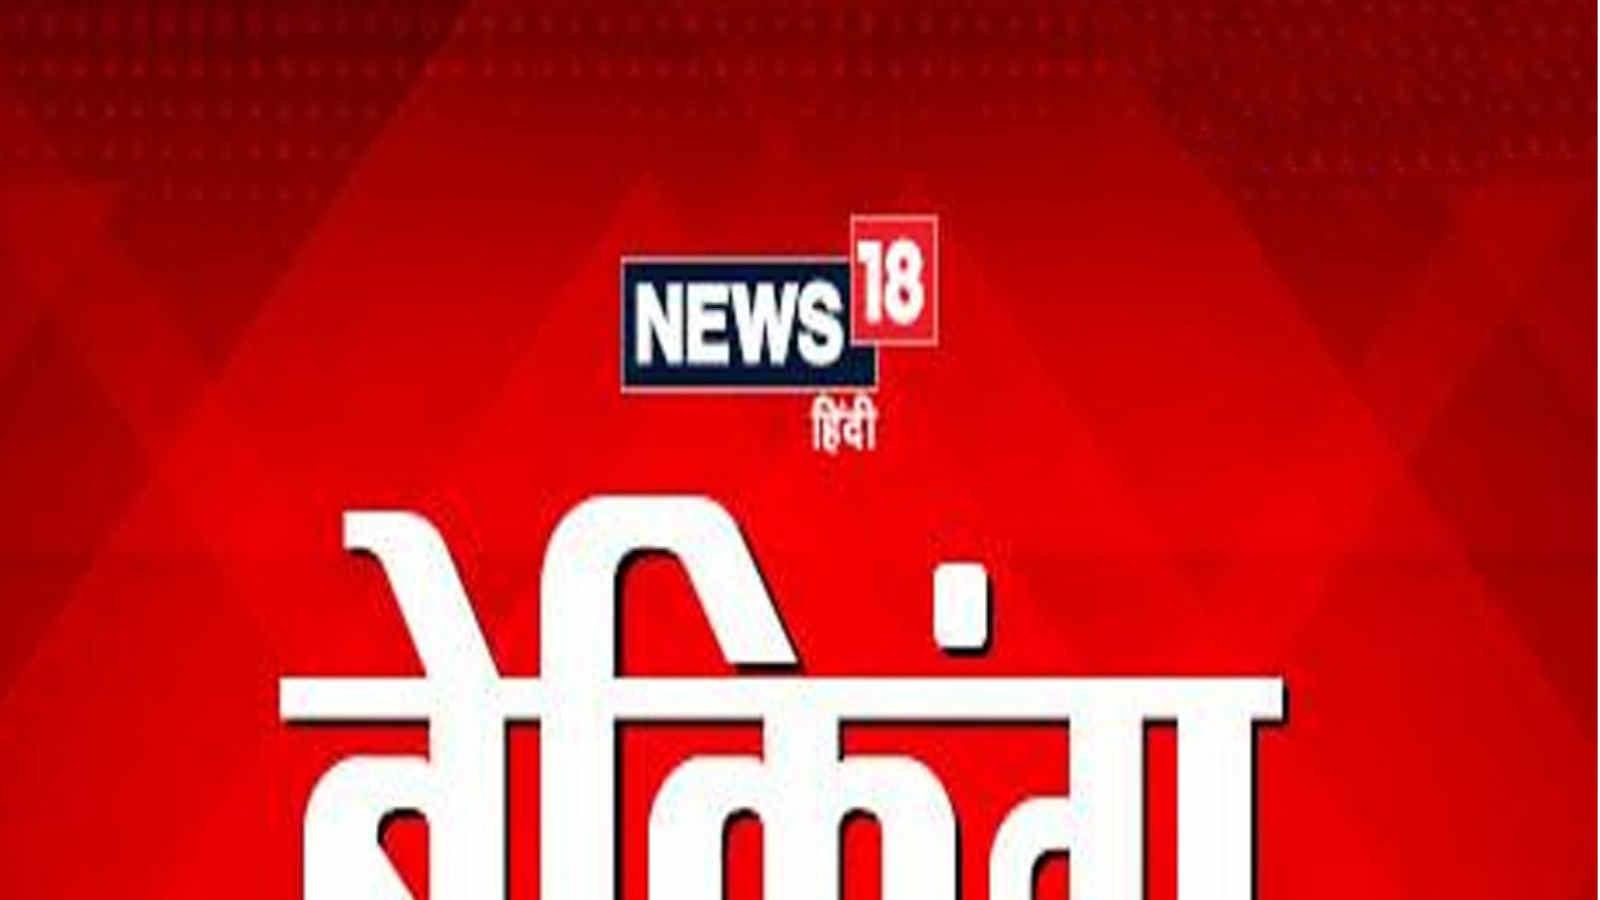 मध्य प्रदेश: अक्टूबर में पंचायत चुनाव कराने की तैयारी में है निर्वाचन आयोग, सरकार ने मांगा और वक्त